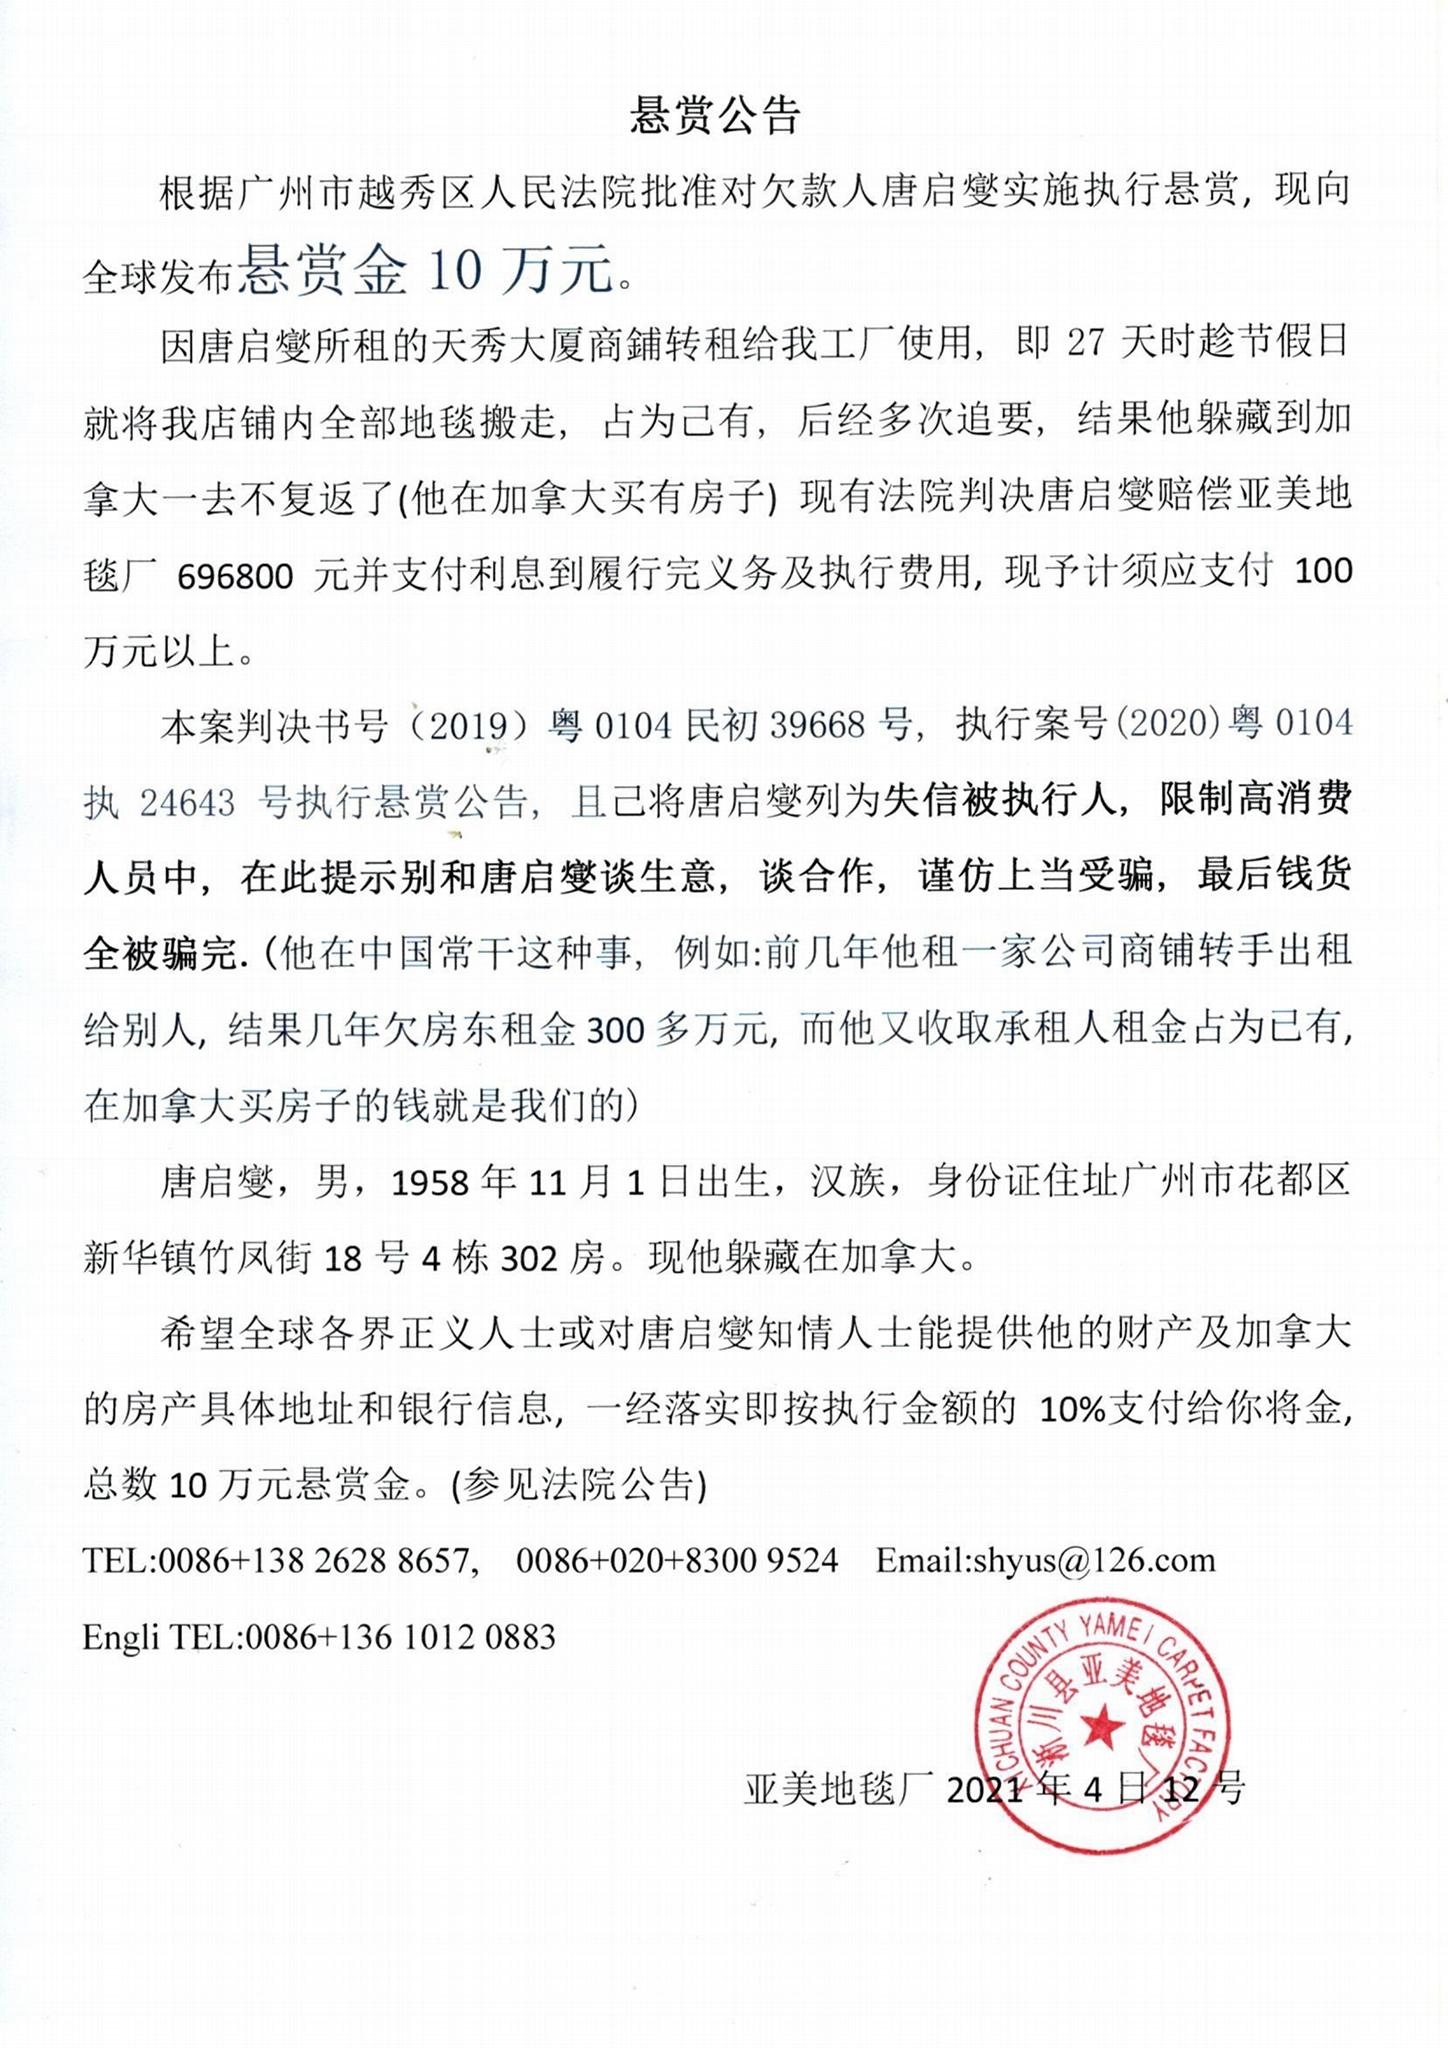 Tang Qixie's reward for Informer: 100000 yuan in cash 1